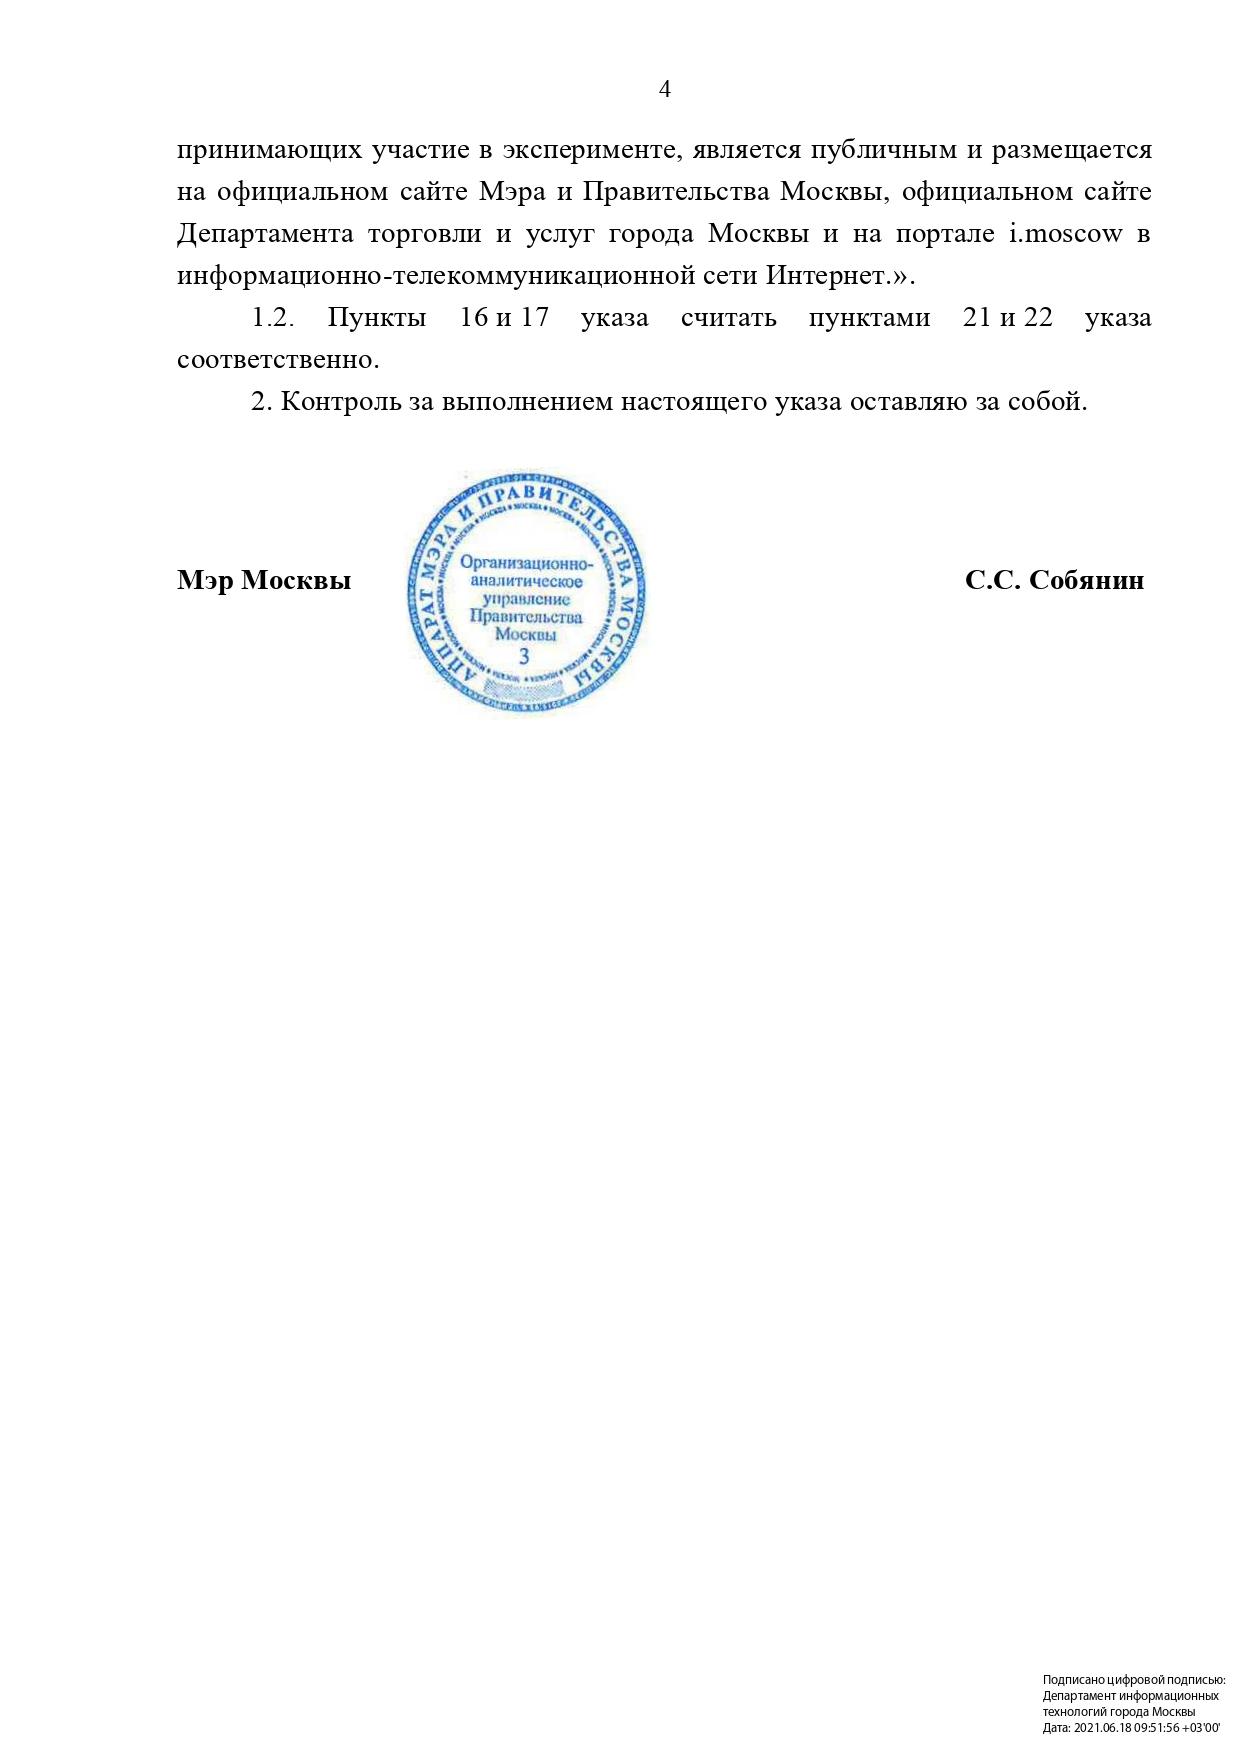 Указ Мэра Москвы Собянина С.С. от 18.06.2021 г. No 33-УМ 4